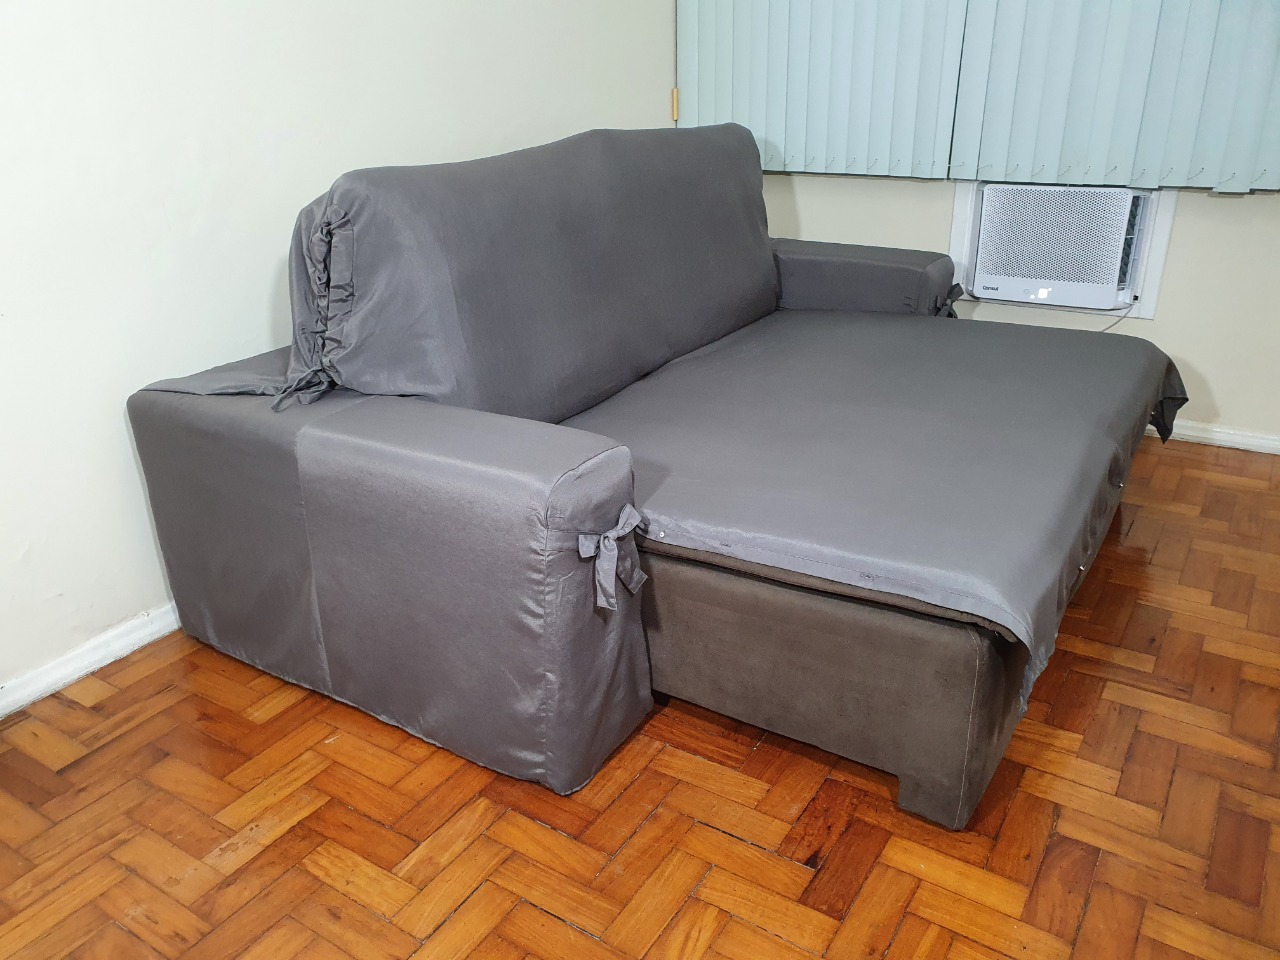 Capa p/ Sofá Retrátil e Reclinável em GORGURÃO GRAFITE - Veste Sofás de 2,96m até 3,25m